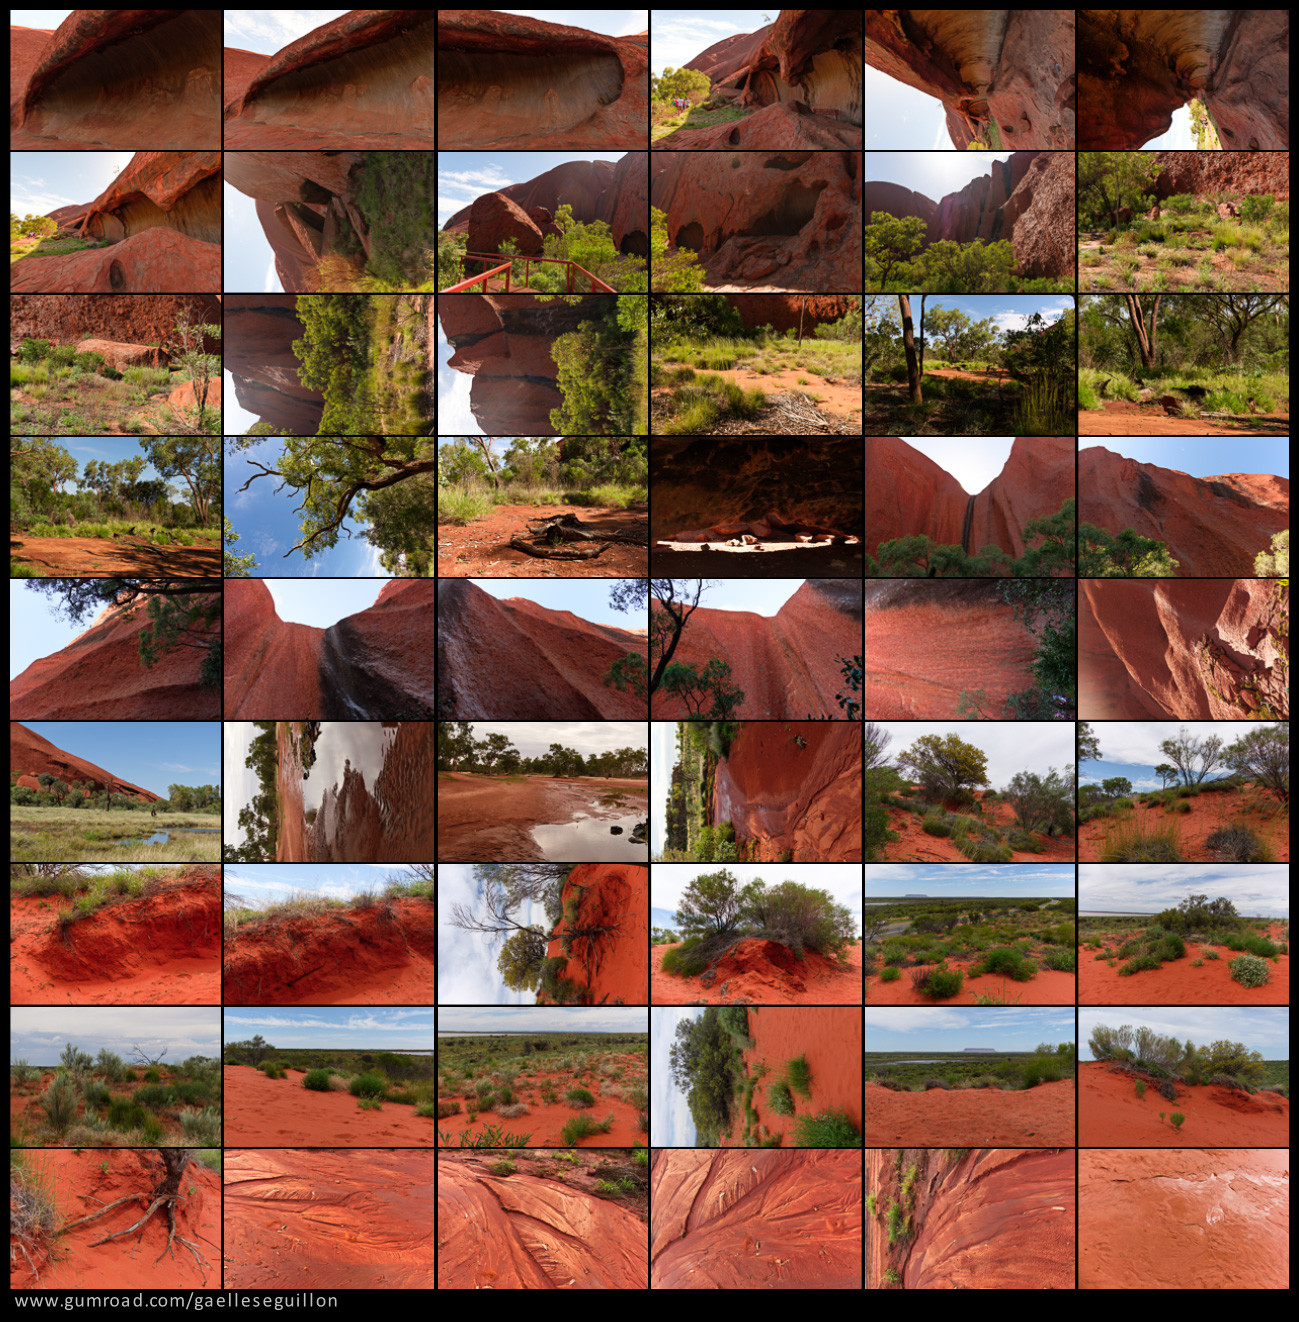 Australian desert preview 5